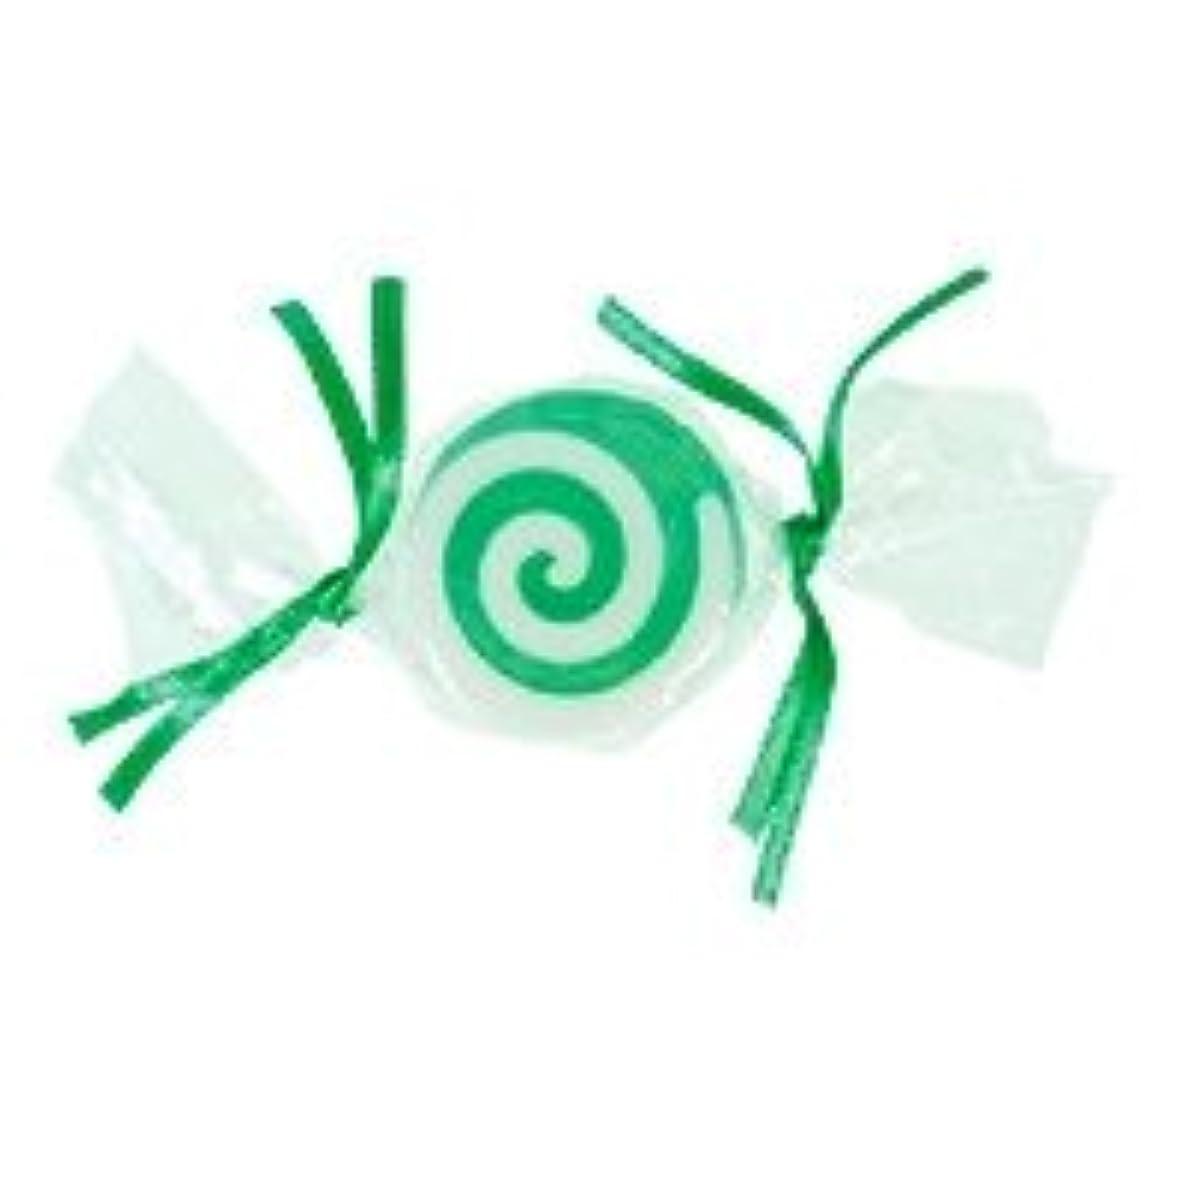 団結する冷蔵庫願望ベジタブルソープ キャンディ「グリーン」20個セット グリーンアップルの香り